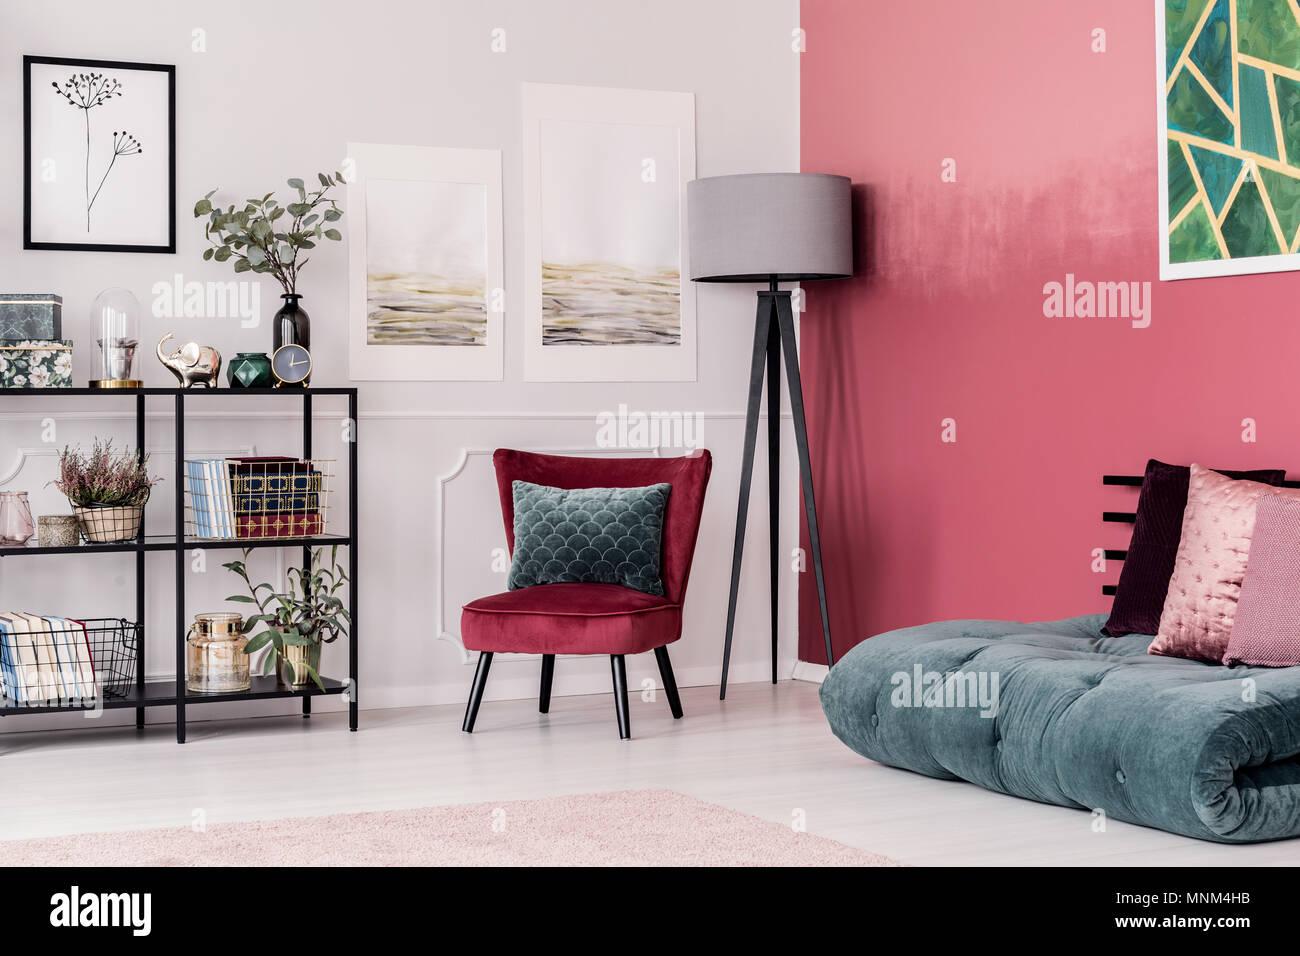 Smaragdgrün Futon Mit Rosa Kissen Auf Dem Boden Gegen Rot, Ombre Wand Im  Eleganten Wohnzimmer Interieur Mit Grauen Lampe Und Samt Stuhl